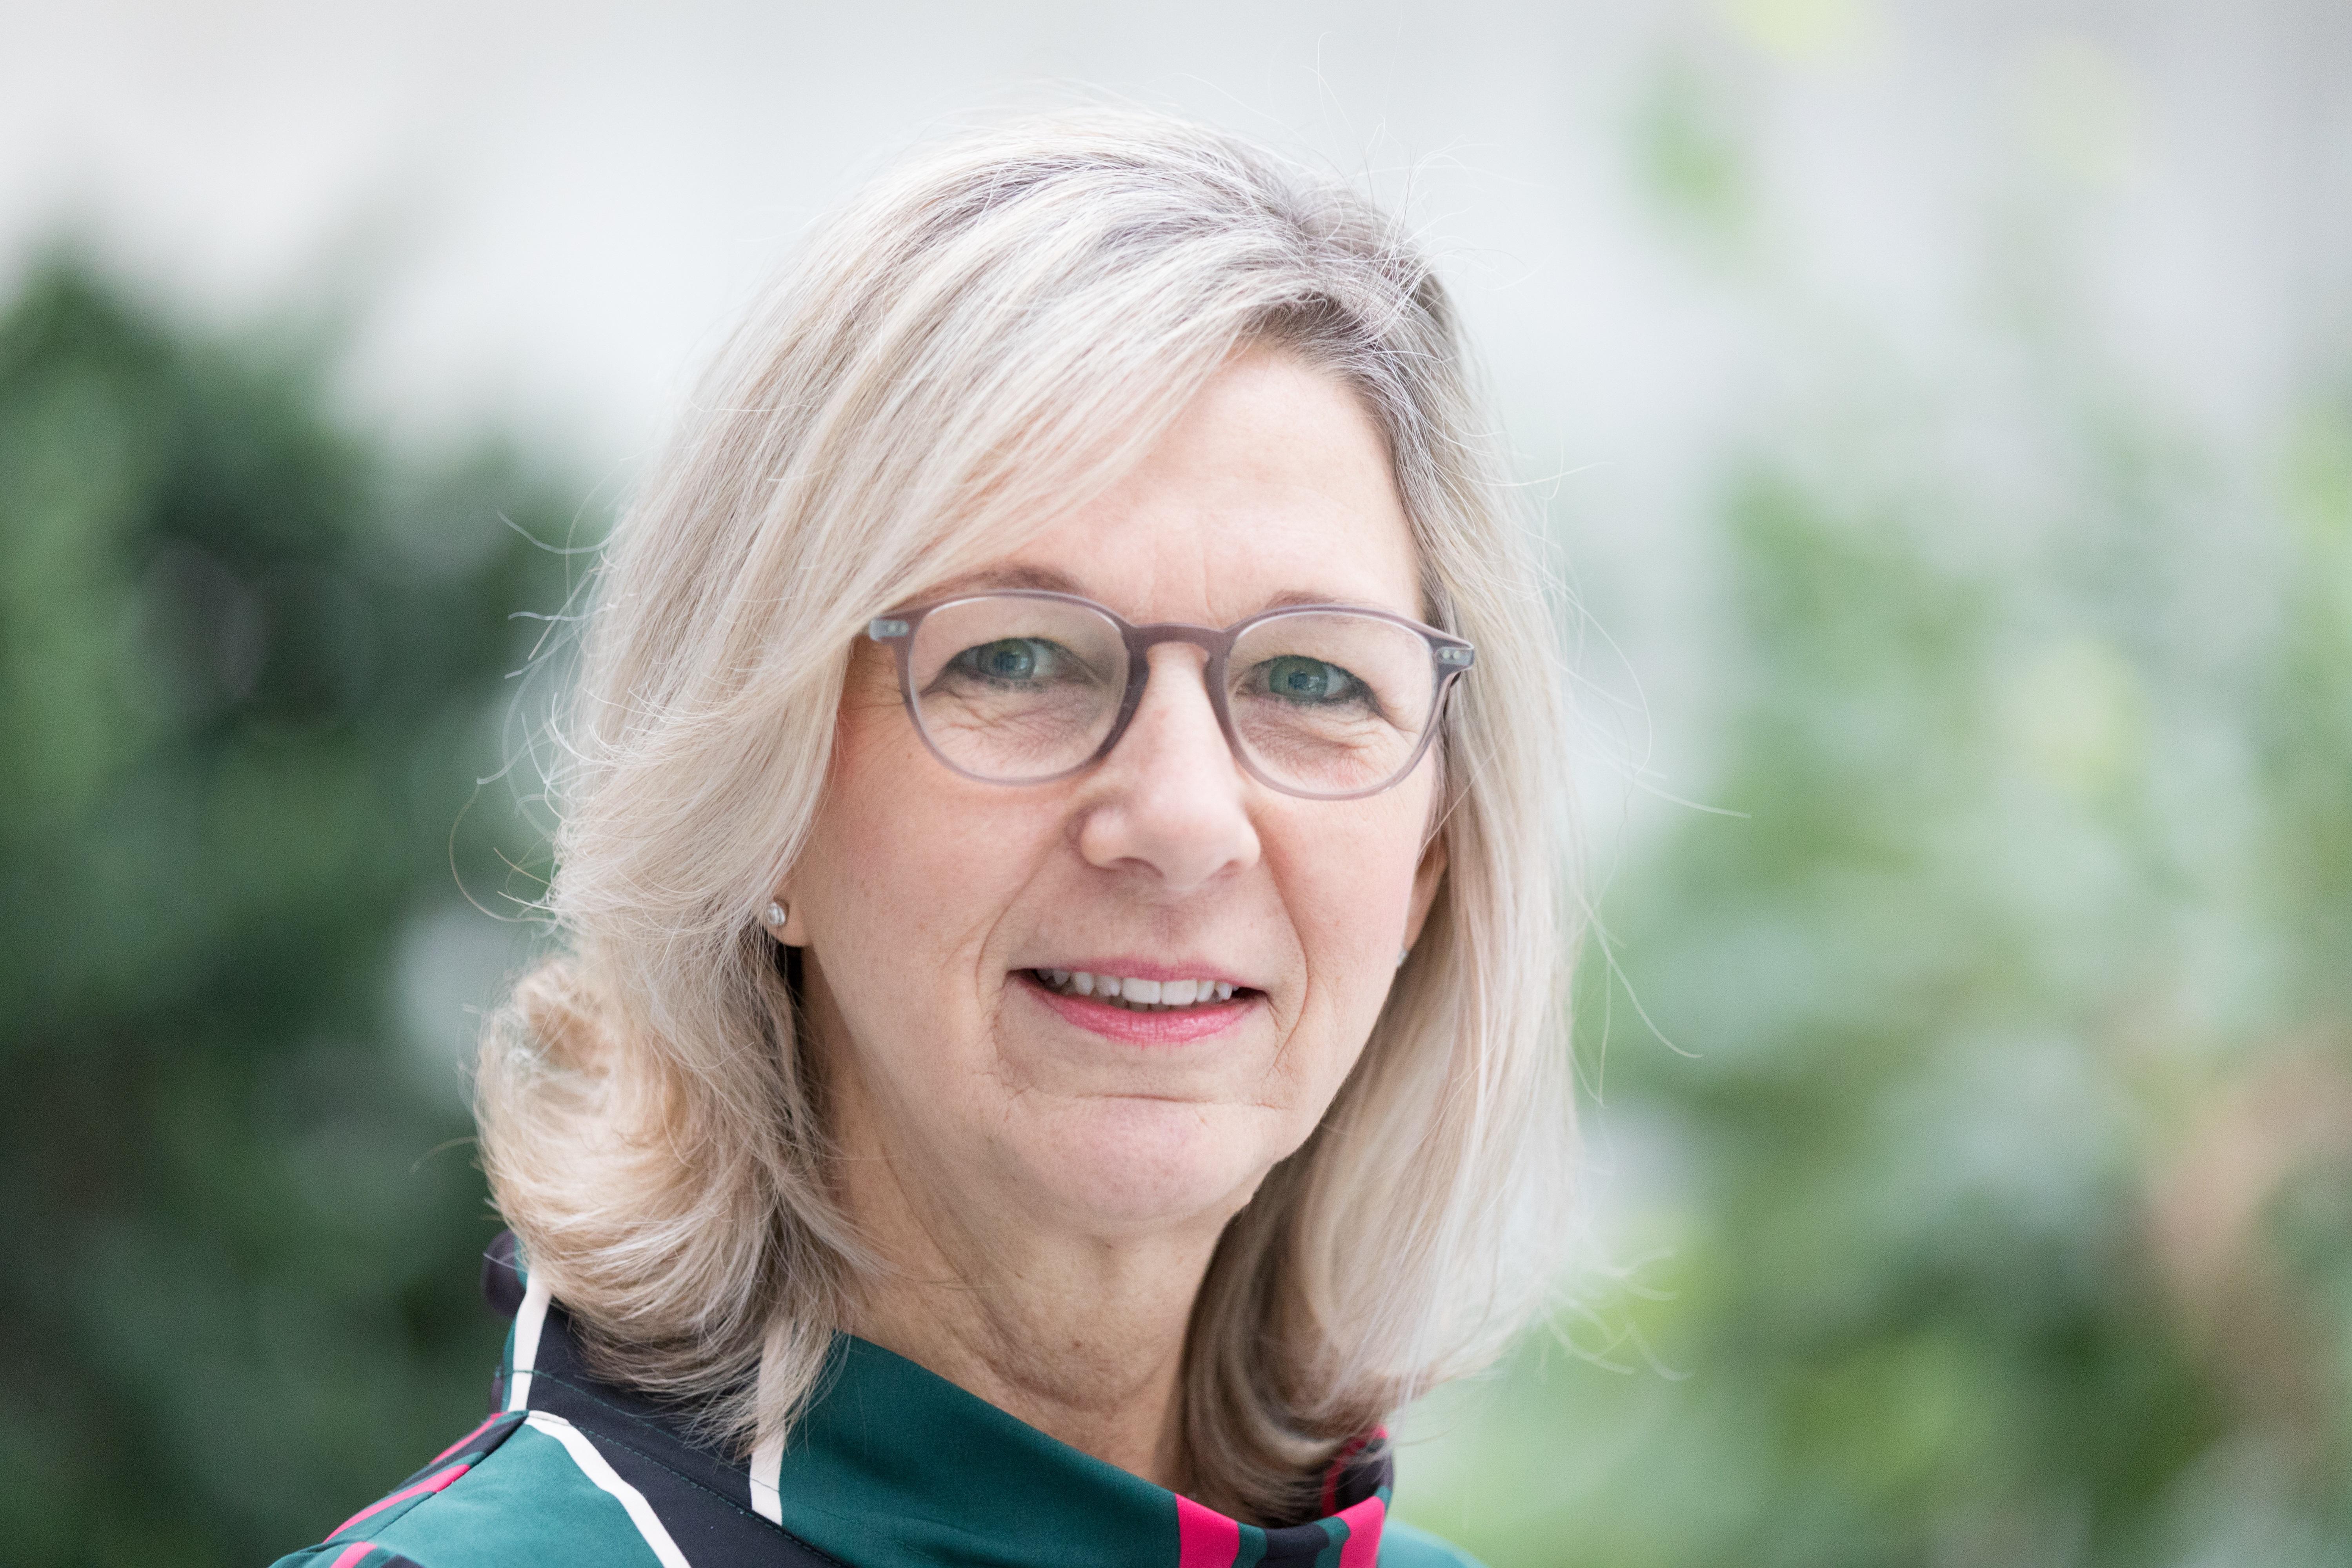 Birgitta Tazelaar